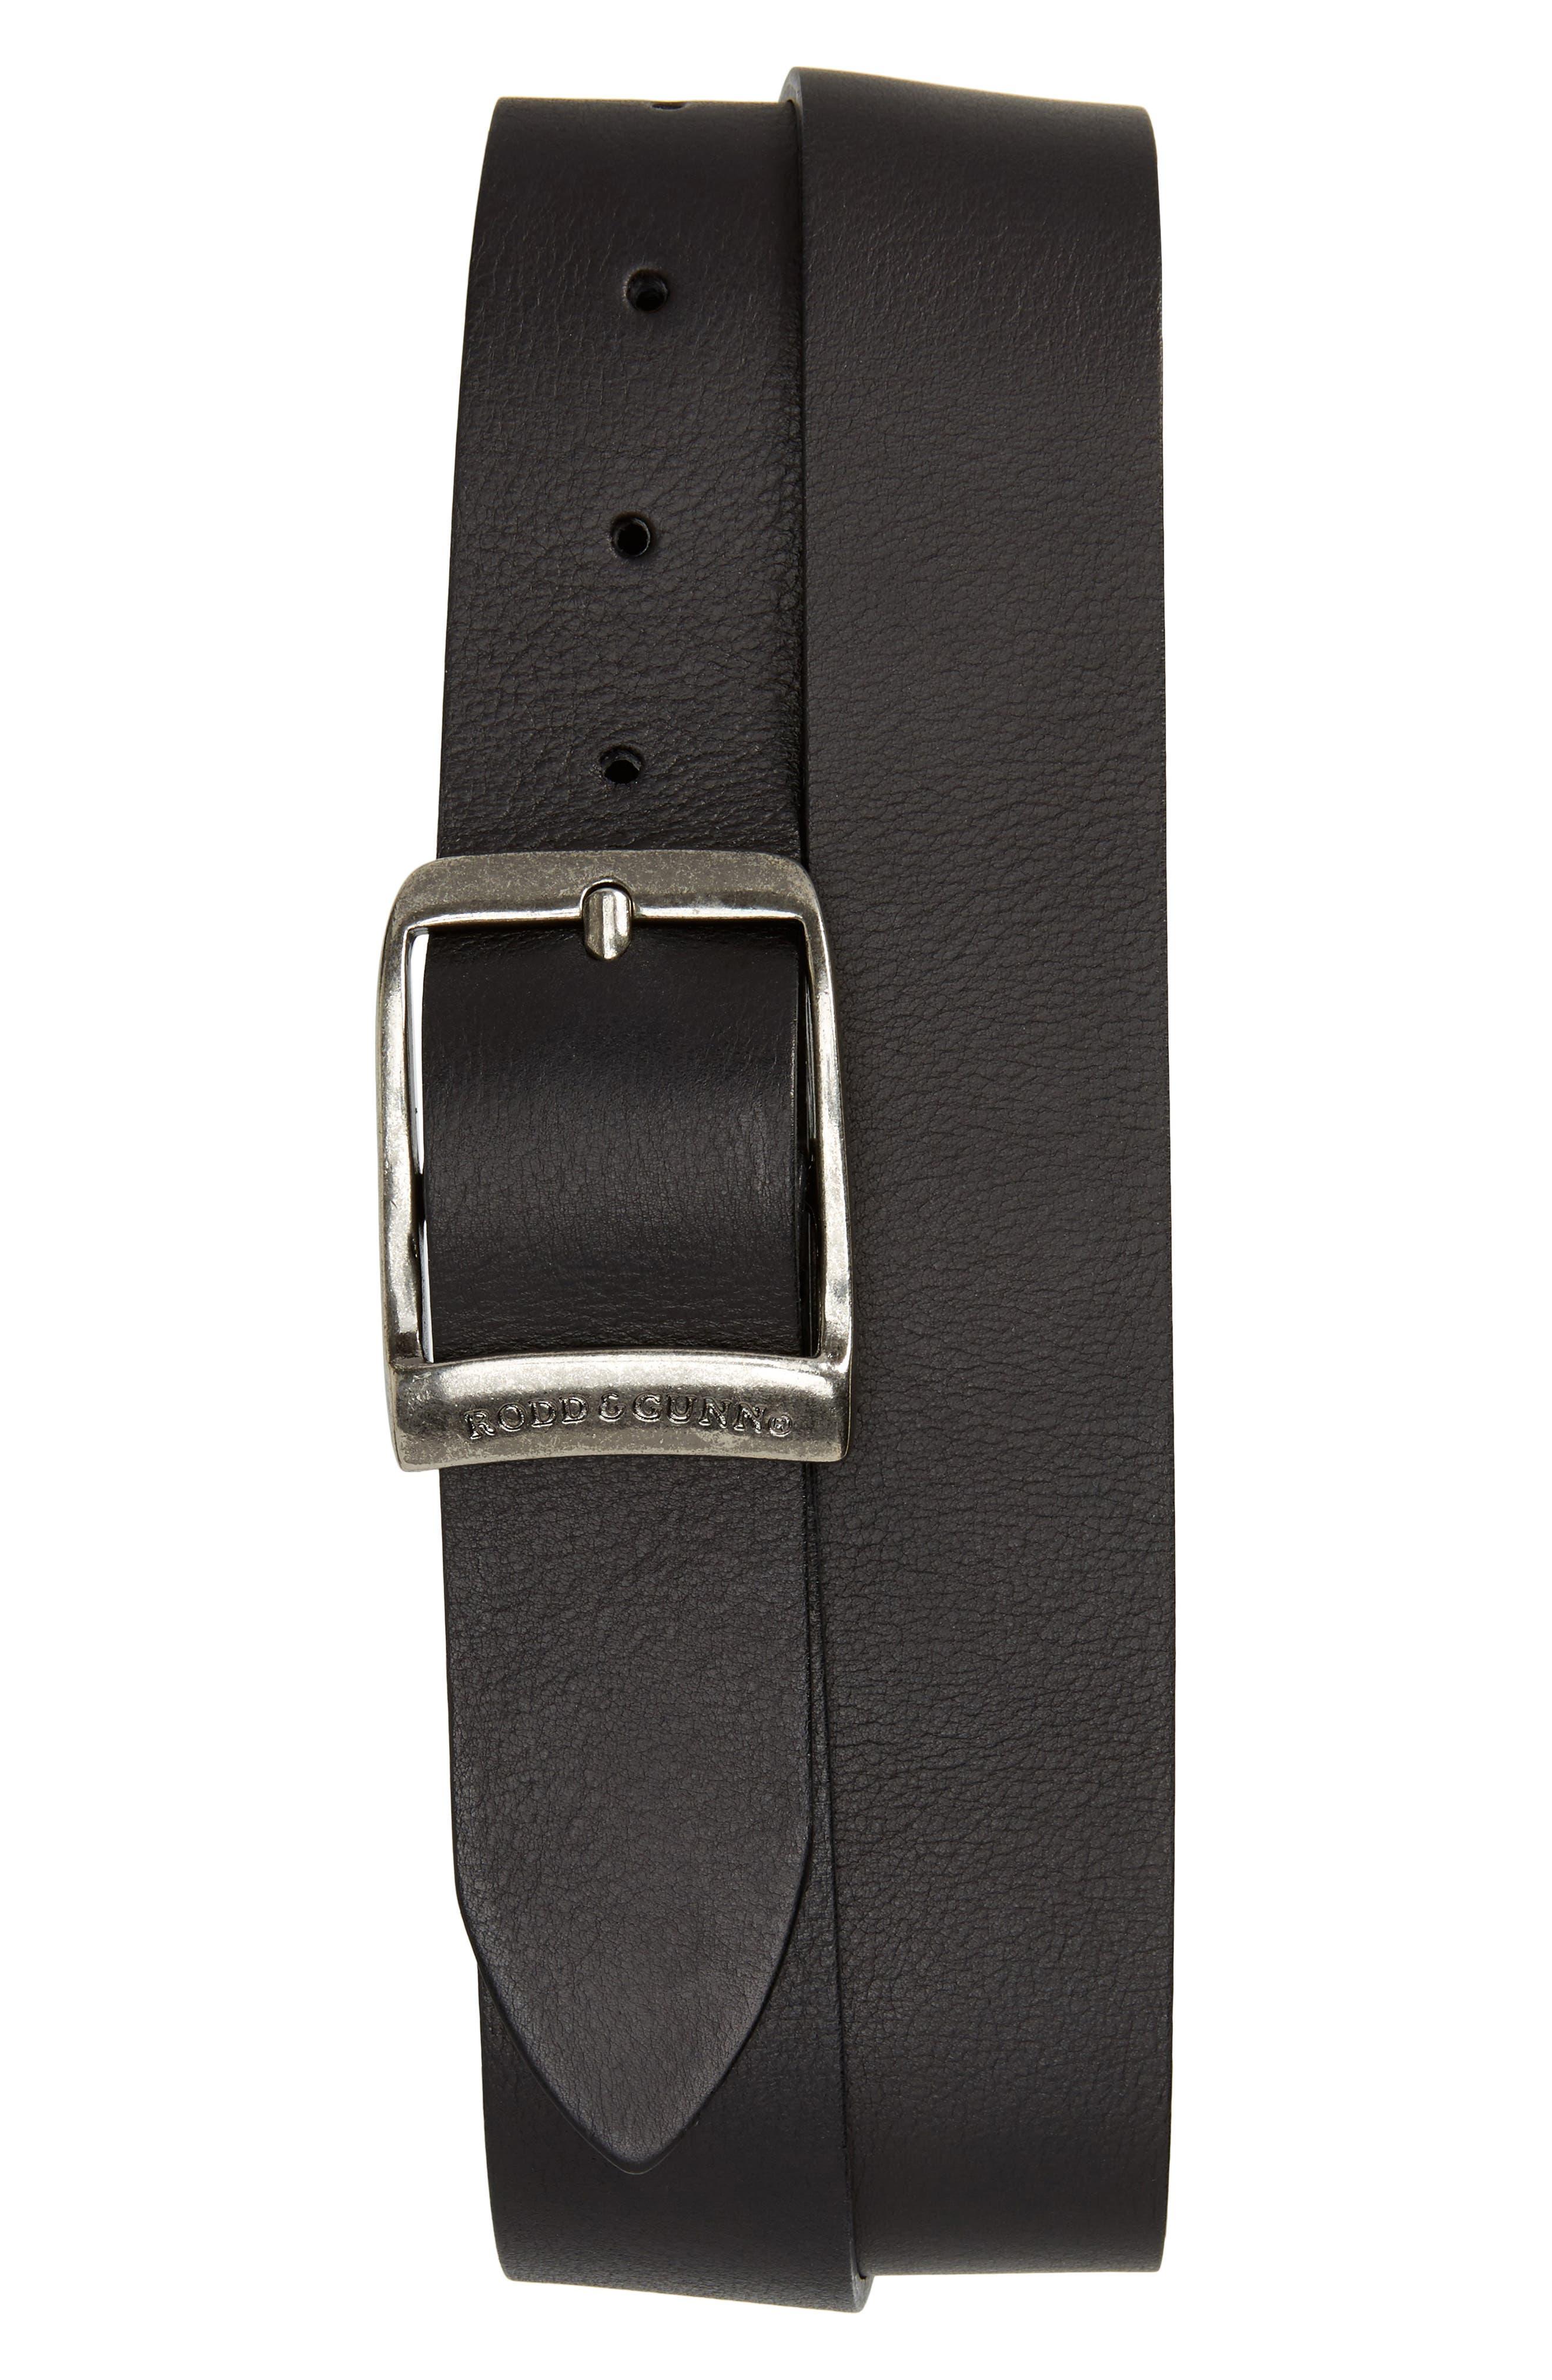 Rodd & Gunn Cornonet Crescent Leather Belt, Nero